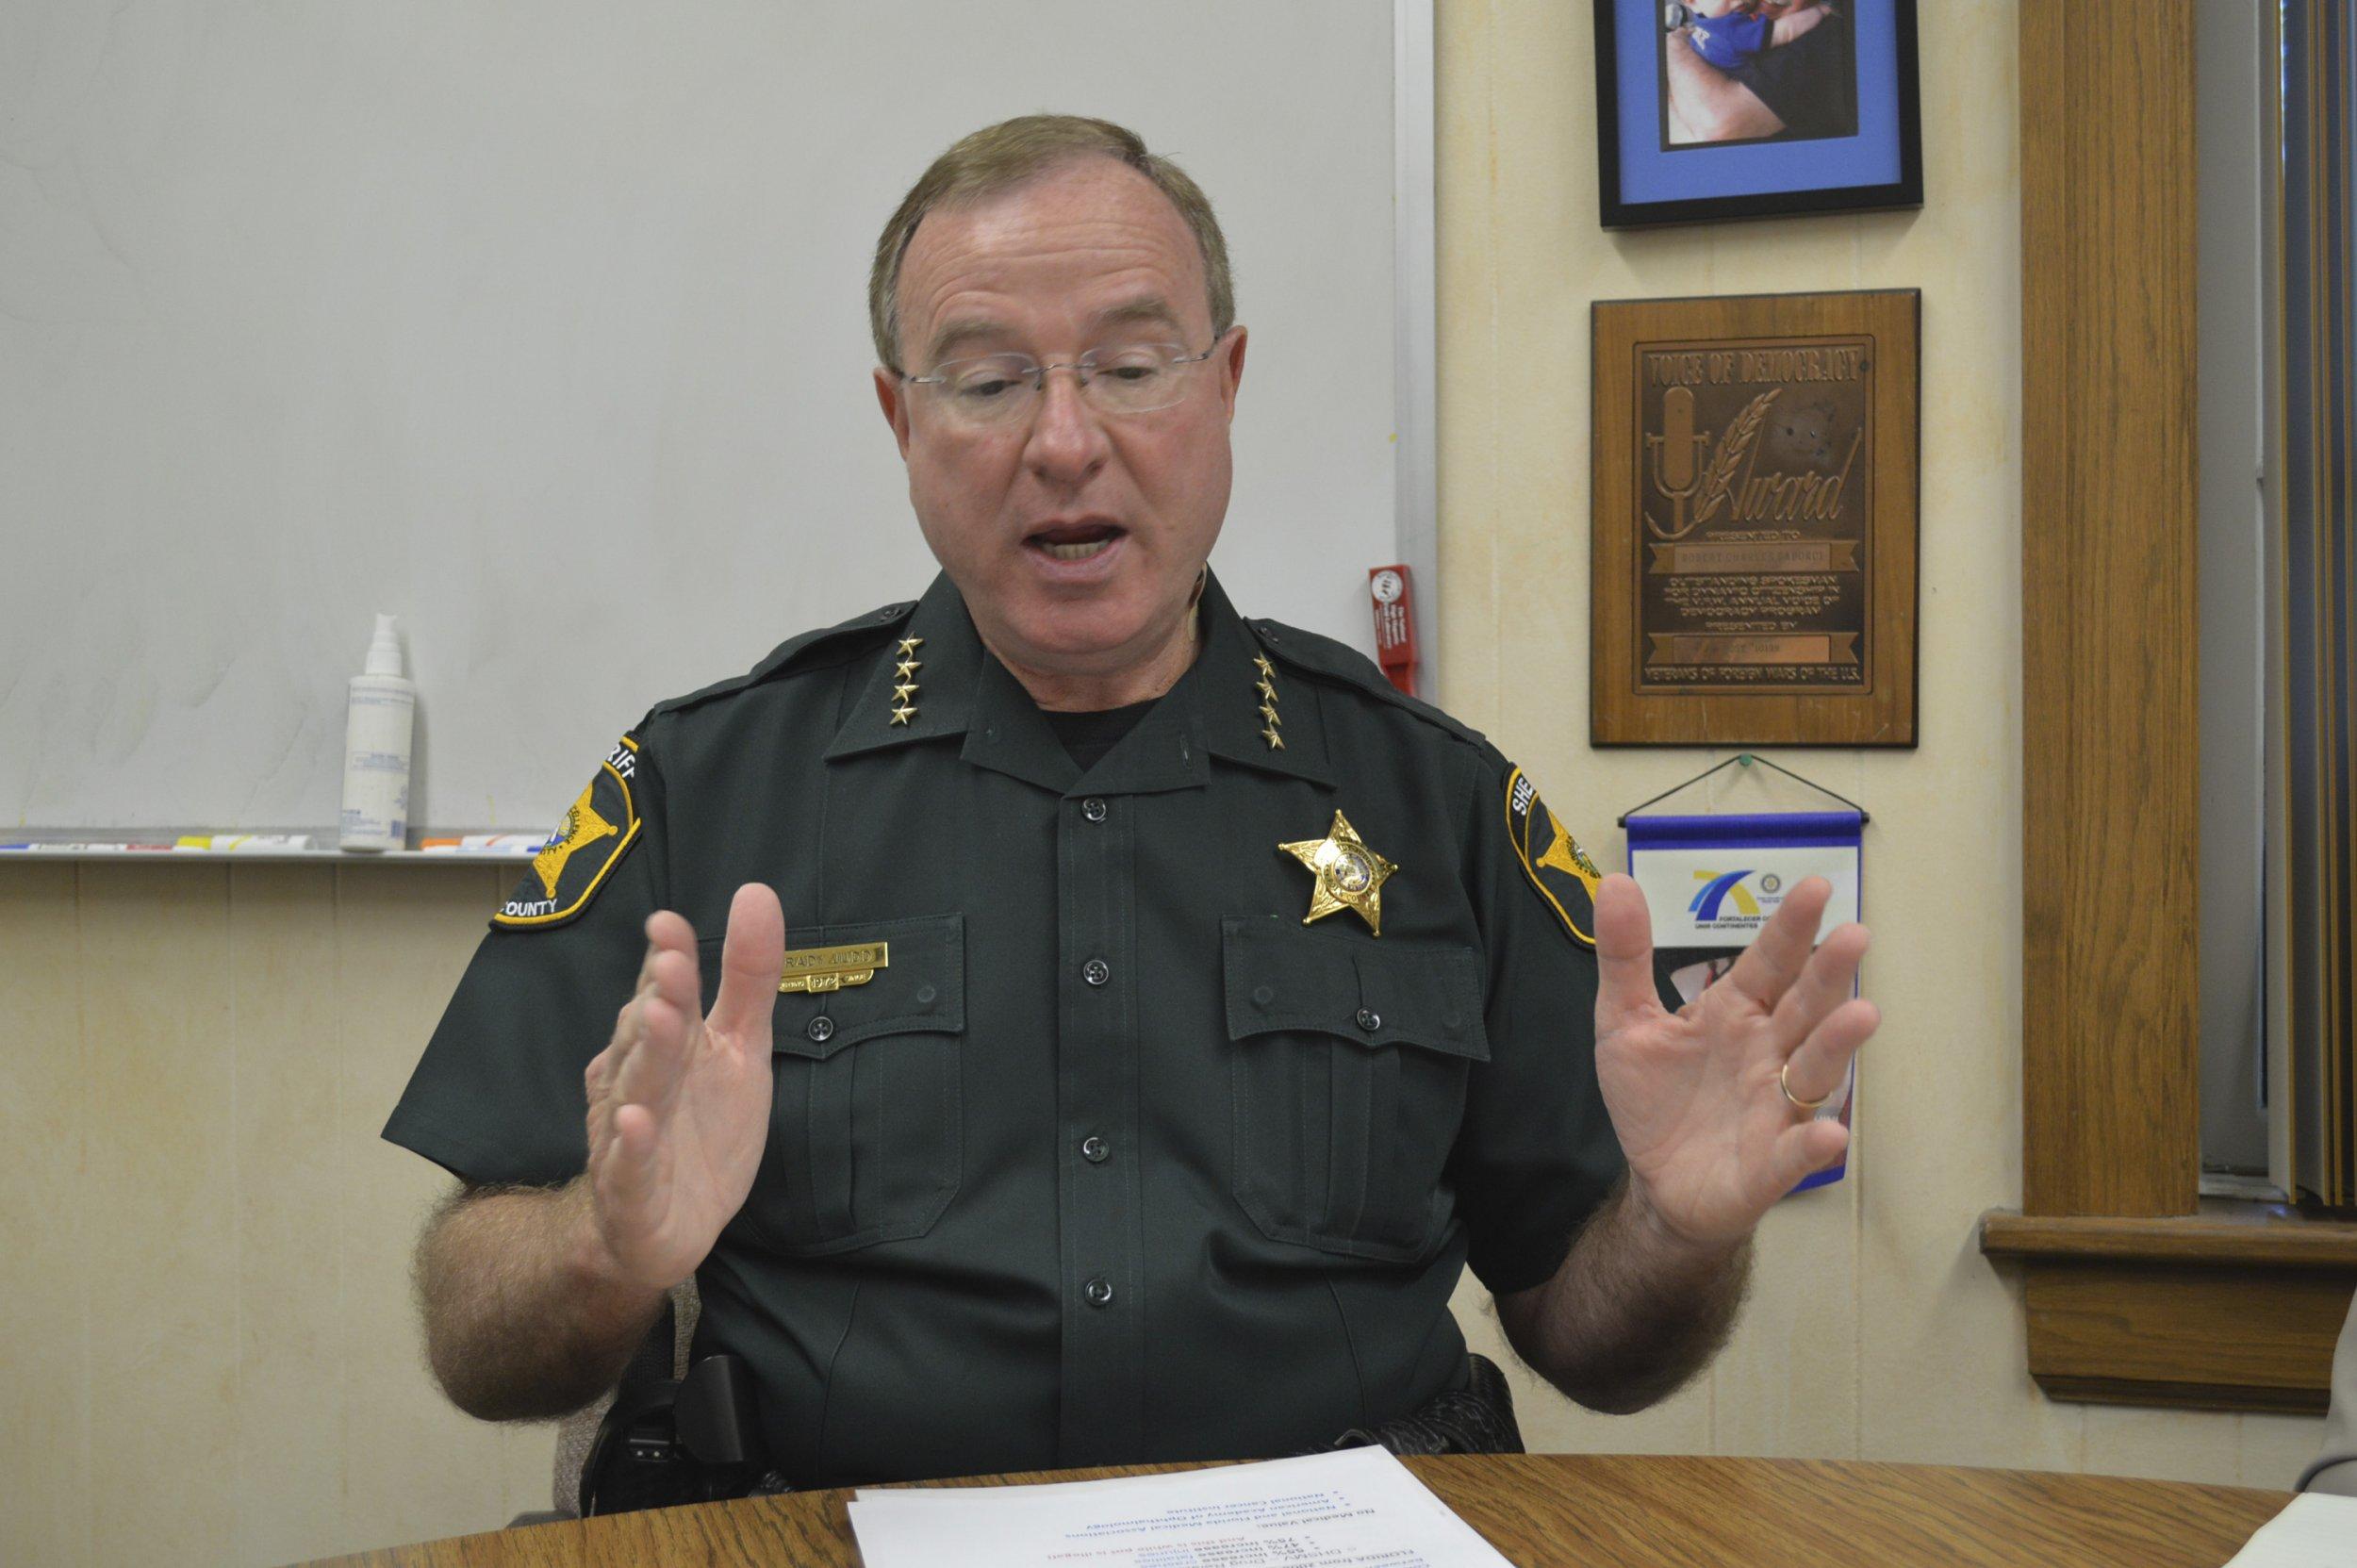 09_06_Sheriff_Judd